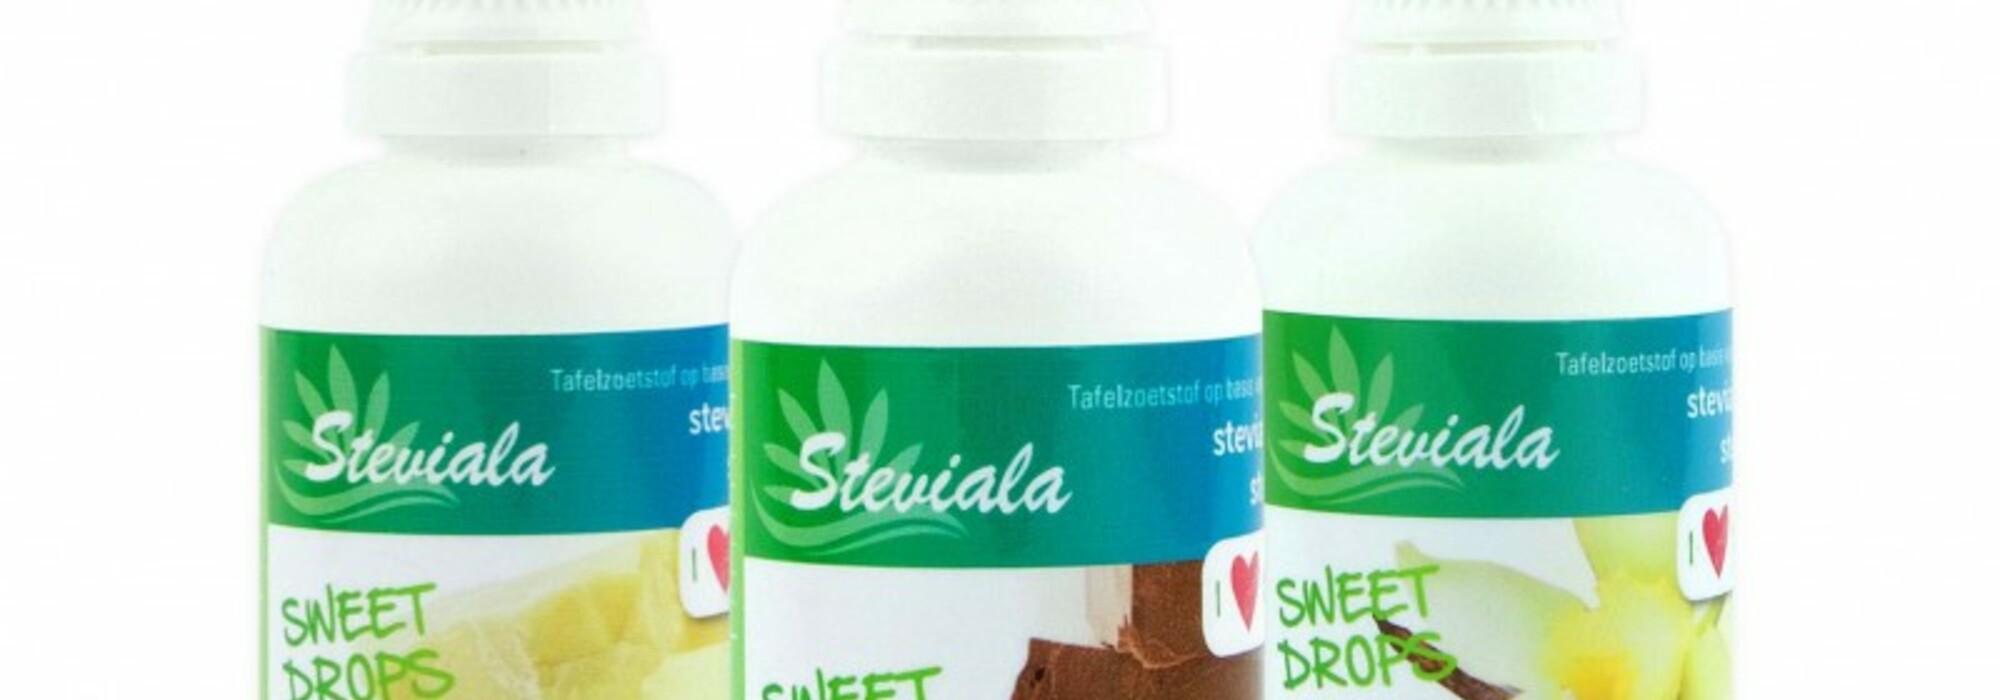 Vloeibare stevia kopen van Steviala